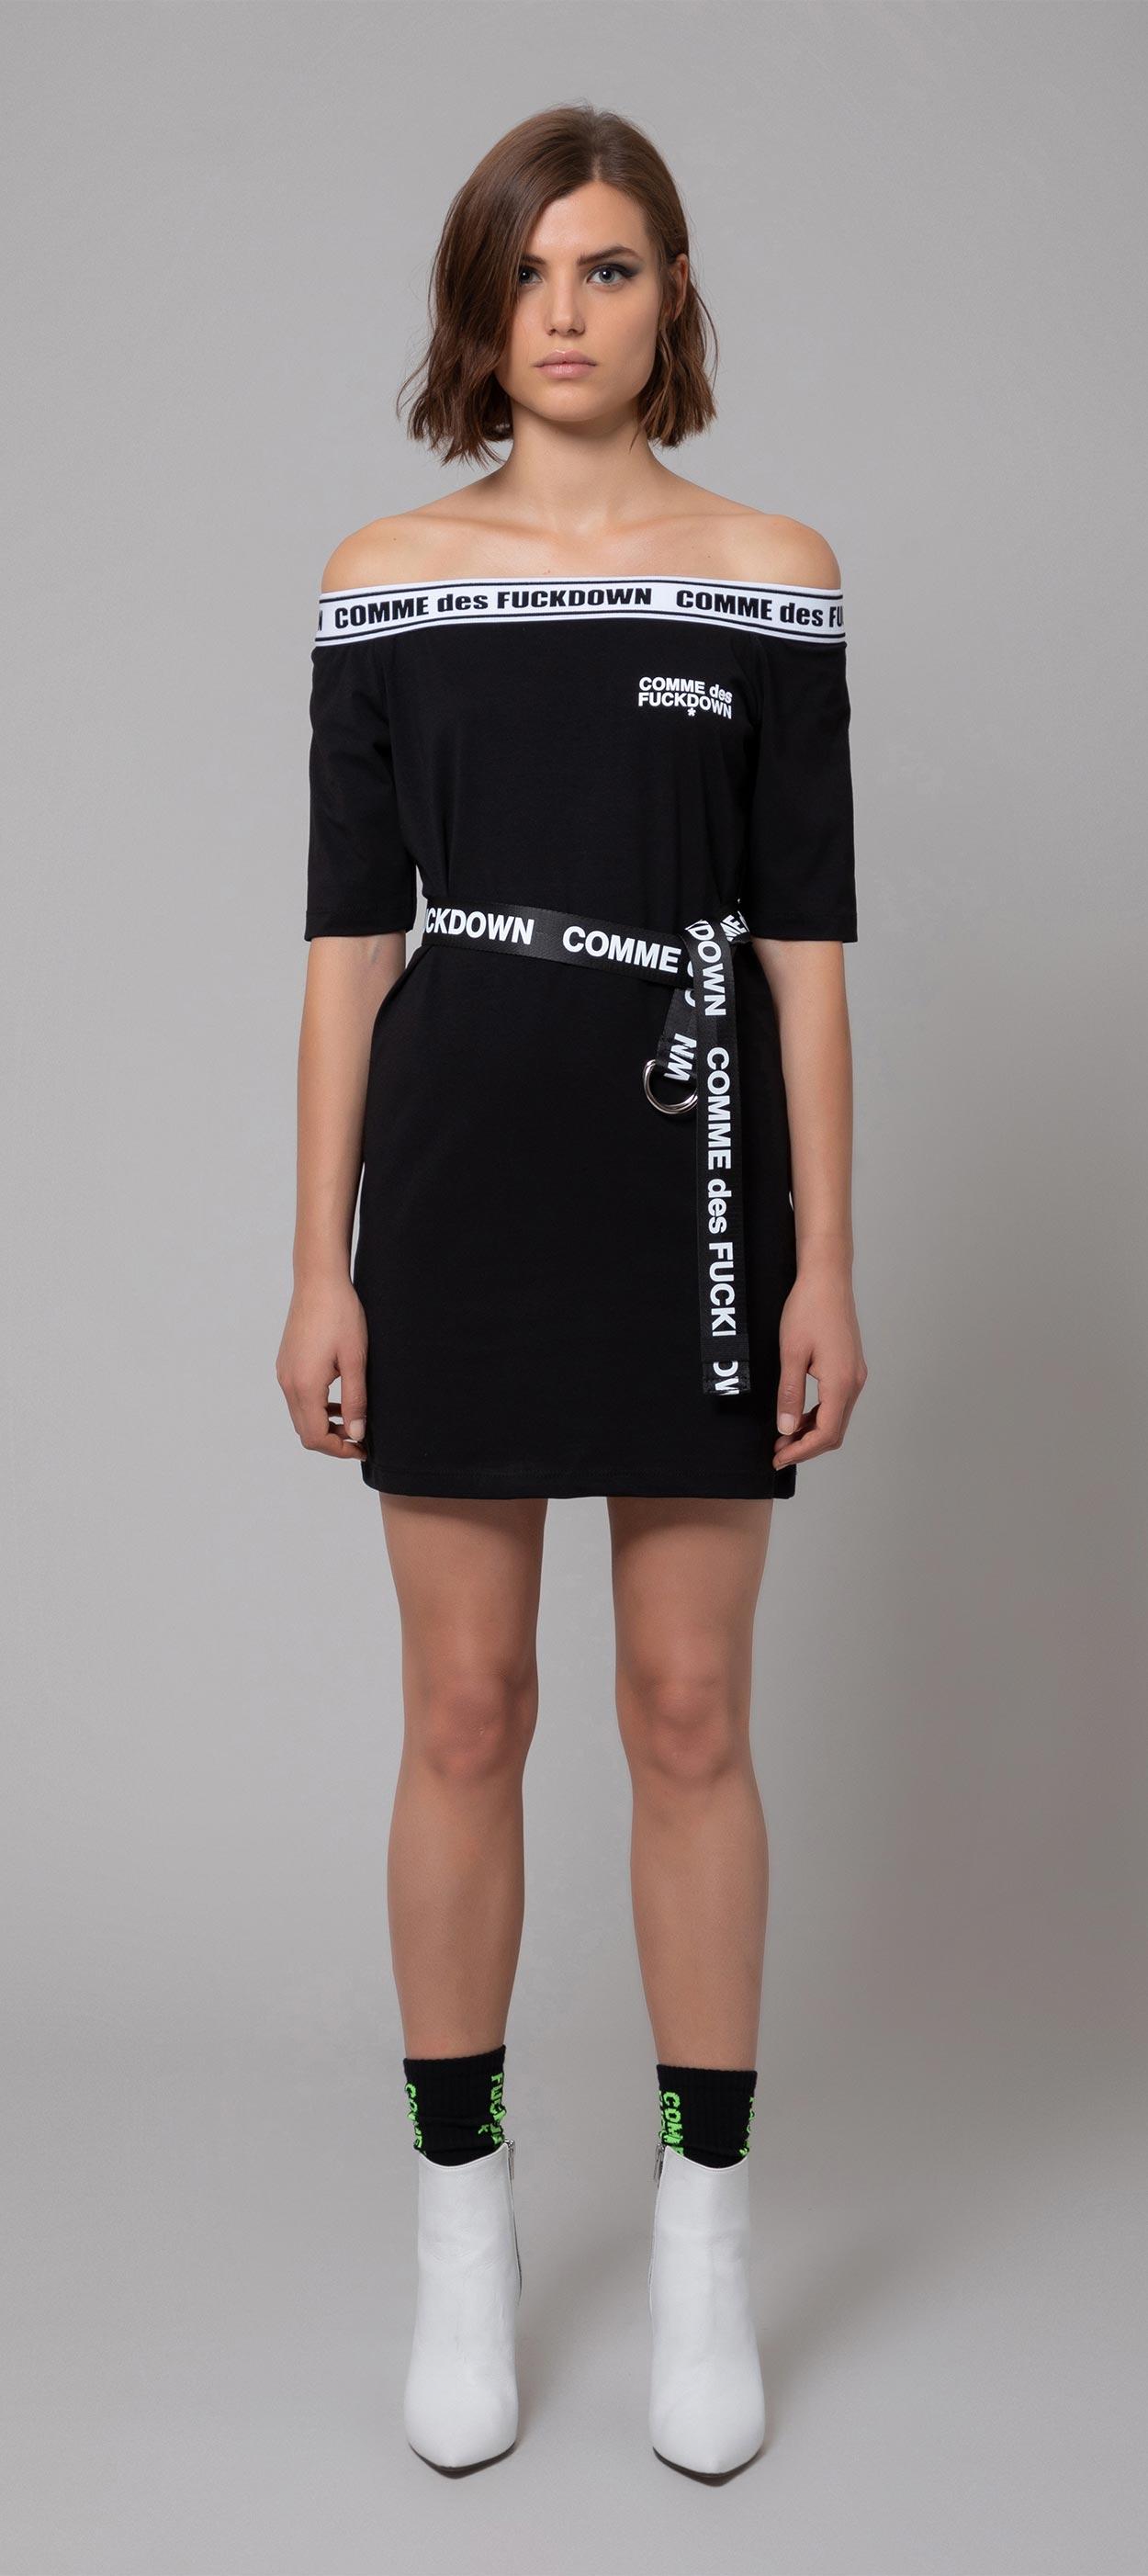 DRESS - CDFD579 - COMME DES FKDOWN